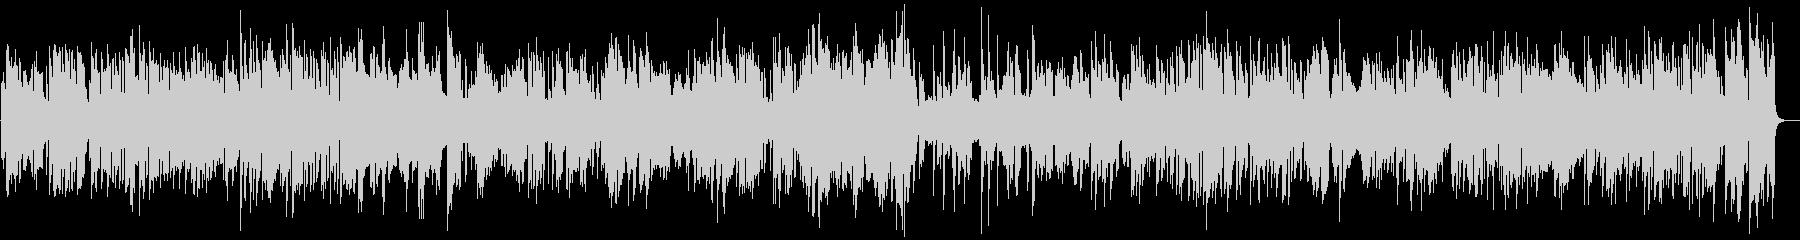 アルトサックスとギターのジャズBGMの未再生の波形